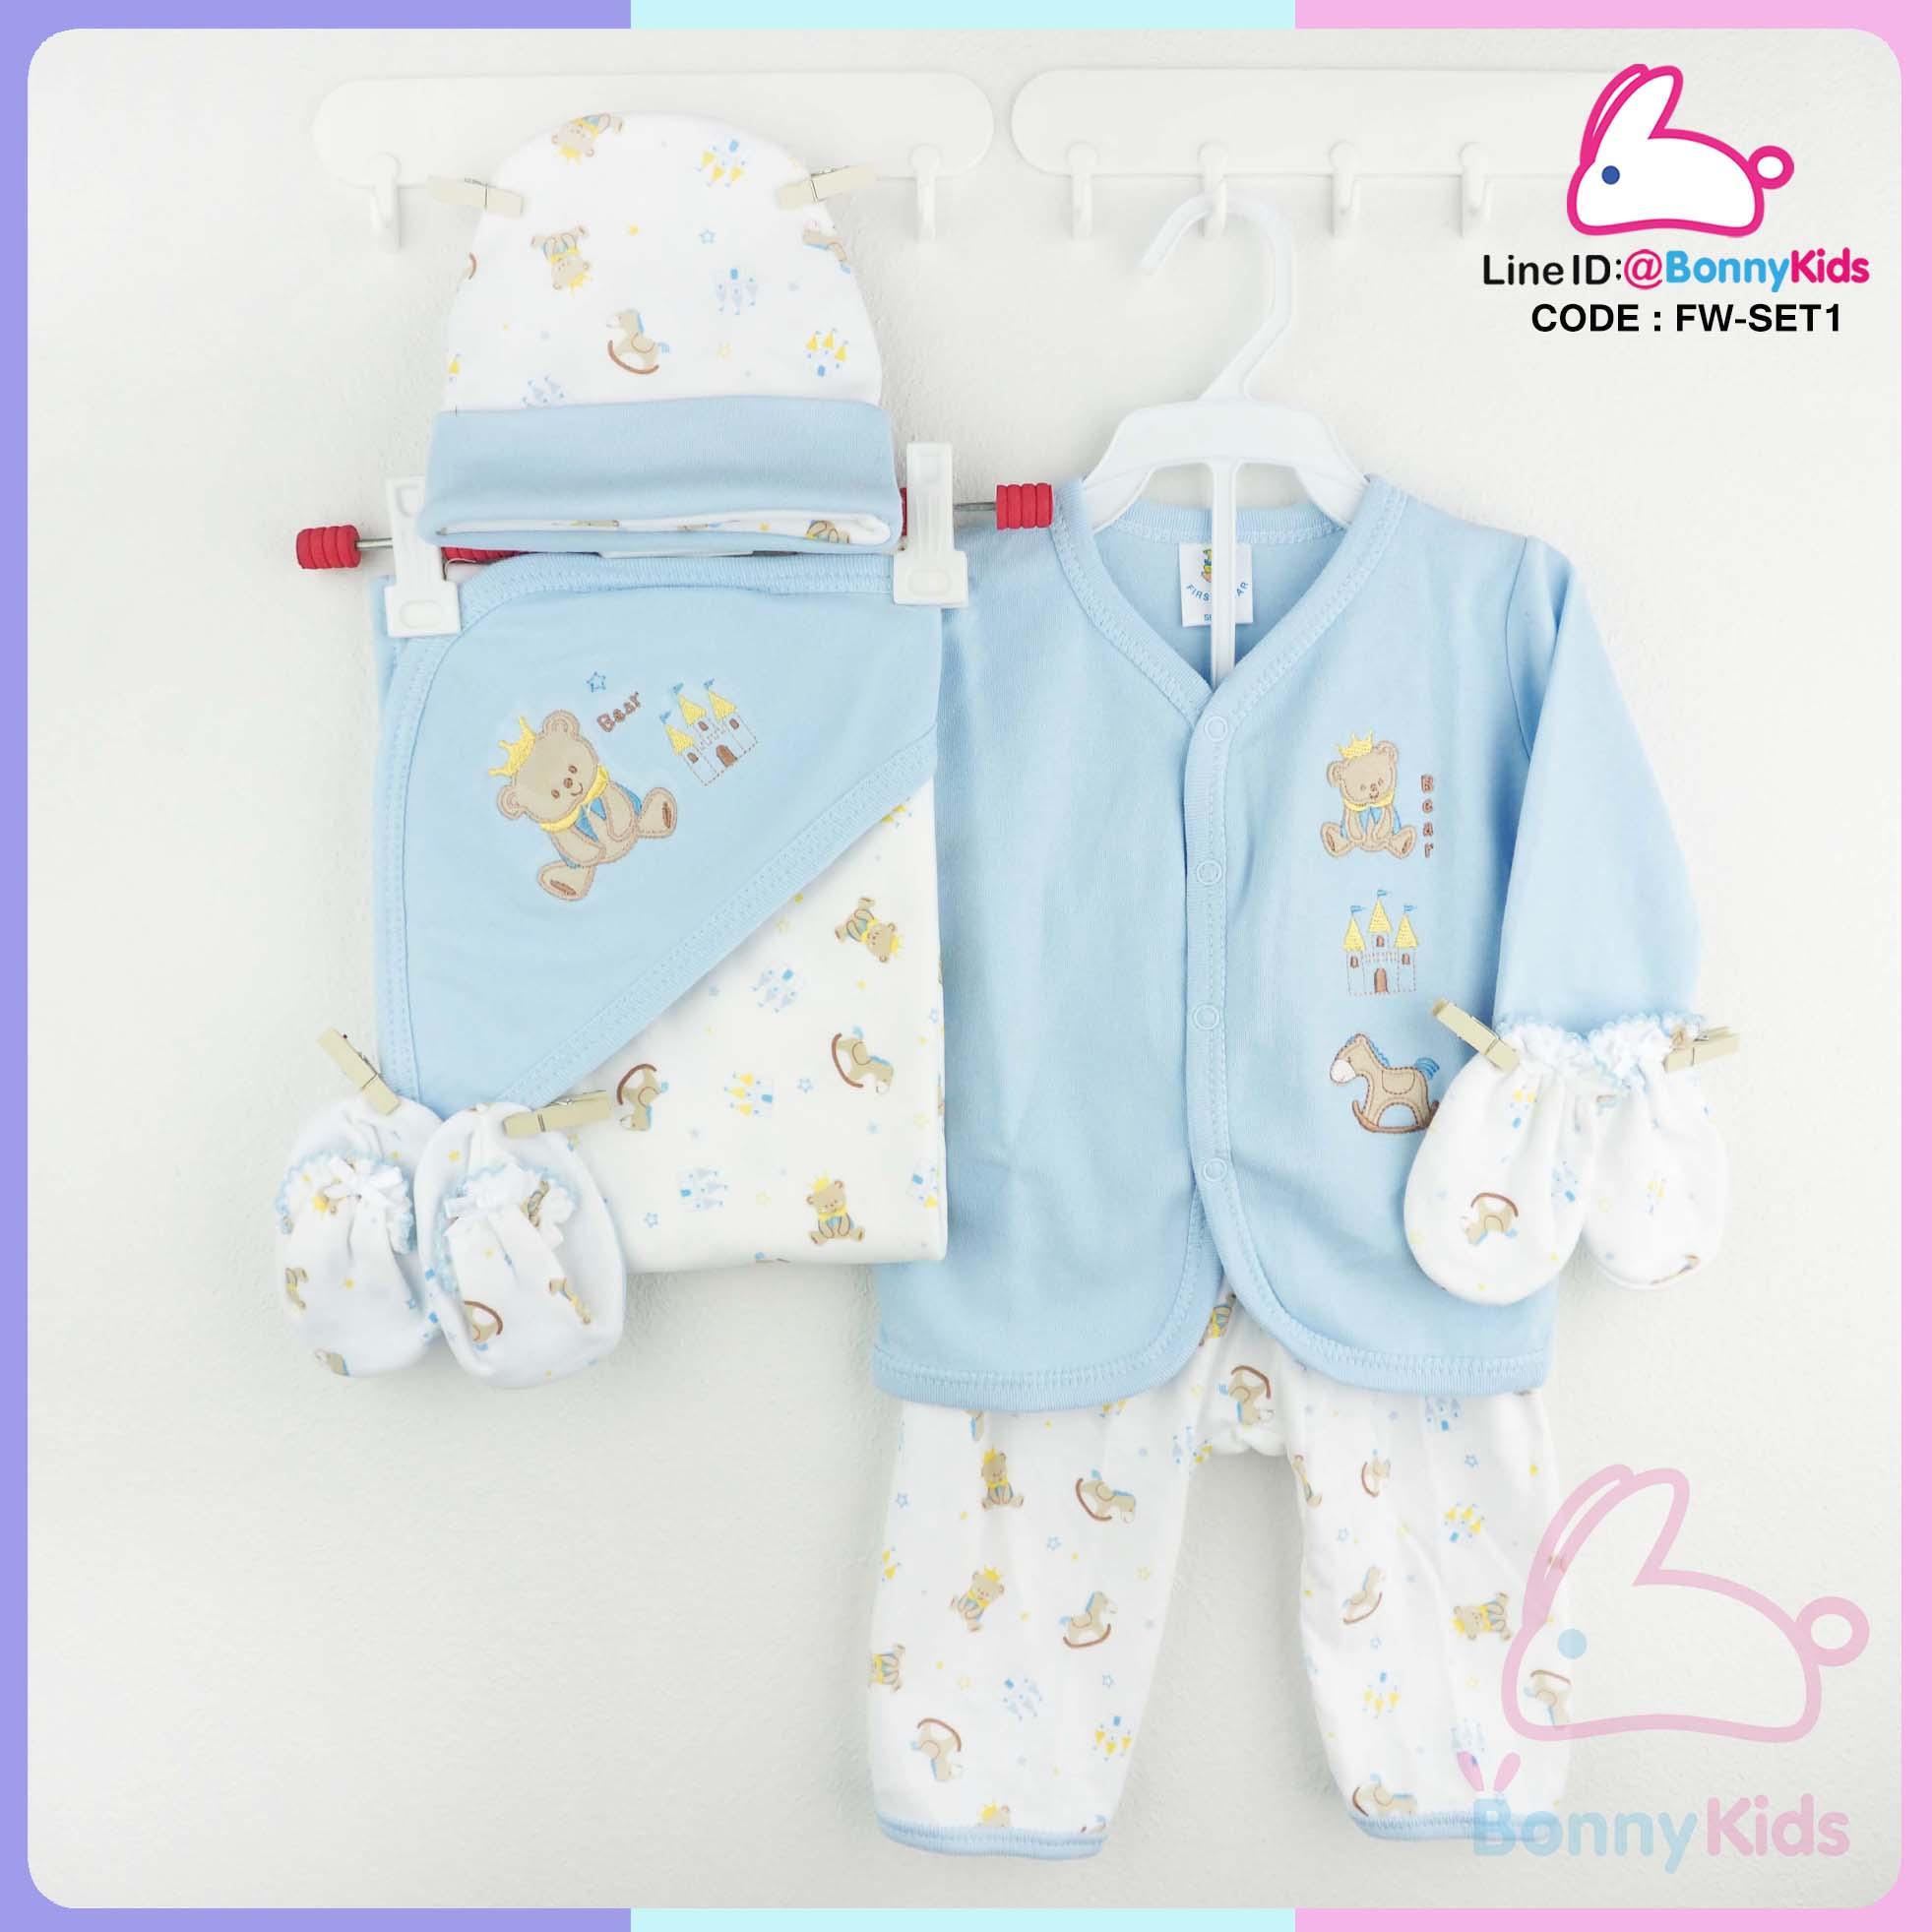 เซ็ตชุดเด็กแรกเกิด 6 ชิ้น ผ้า cotton 2 หน้า เกรด premium เนื้อผ้านิ่มฟู สวมใส่สบาย